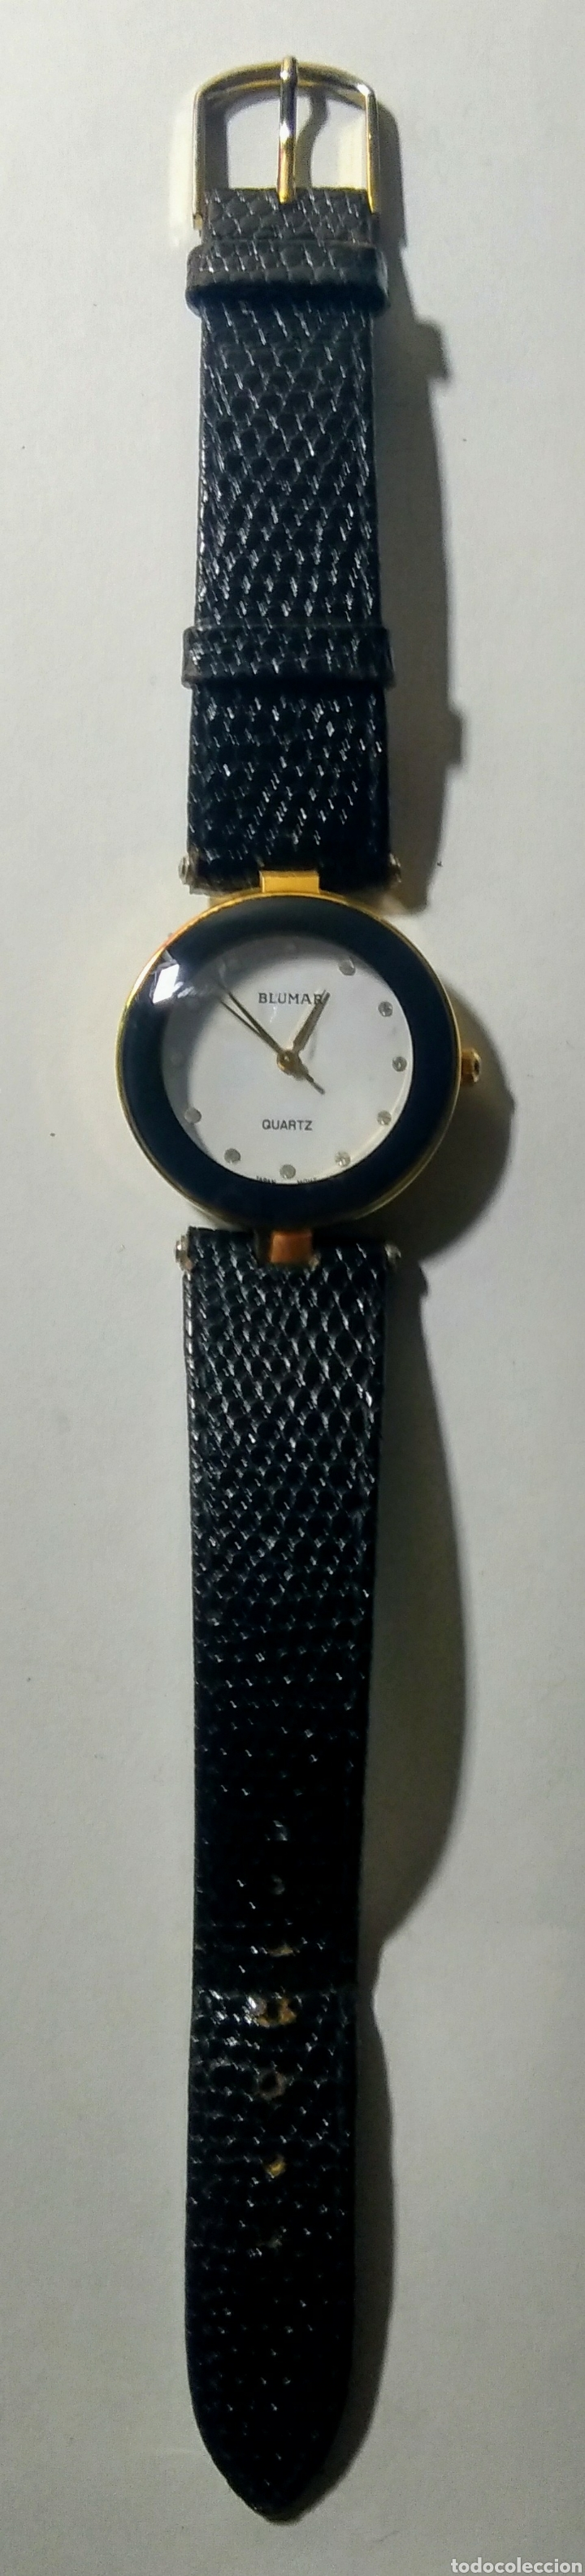 Relojes: Reloj Blumar. Quartz. Japan MovT. Ed. La Caixa. - Foto 2 - 187544775